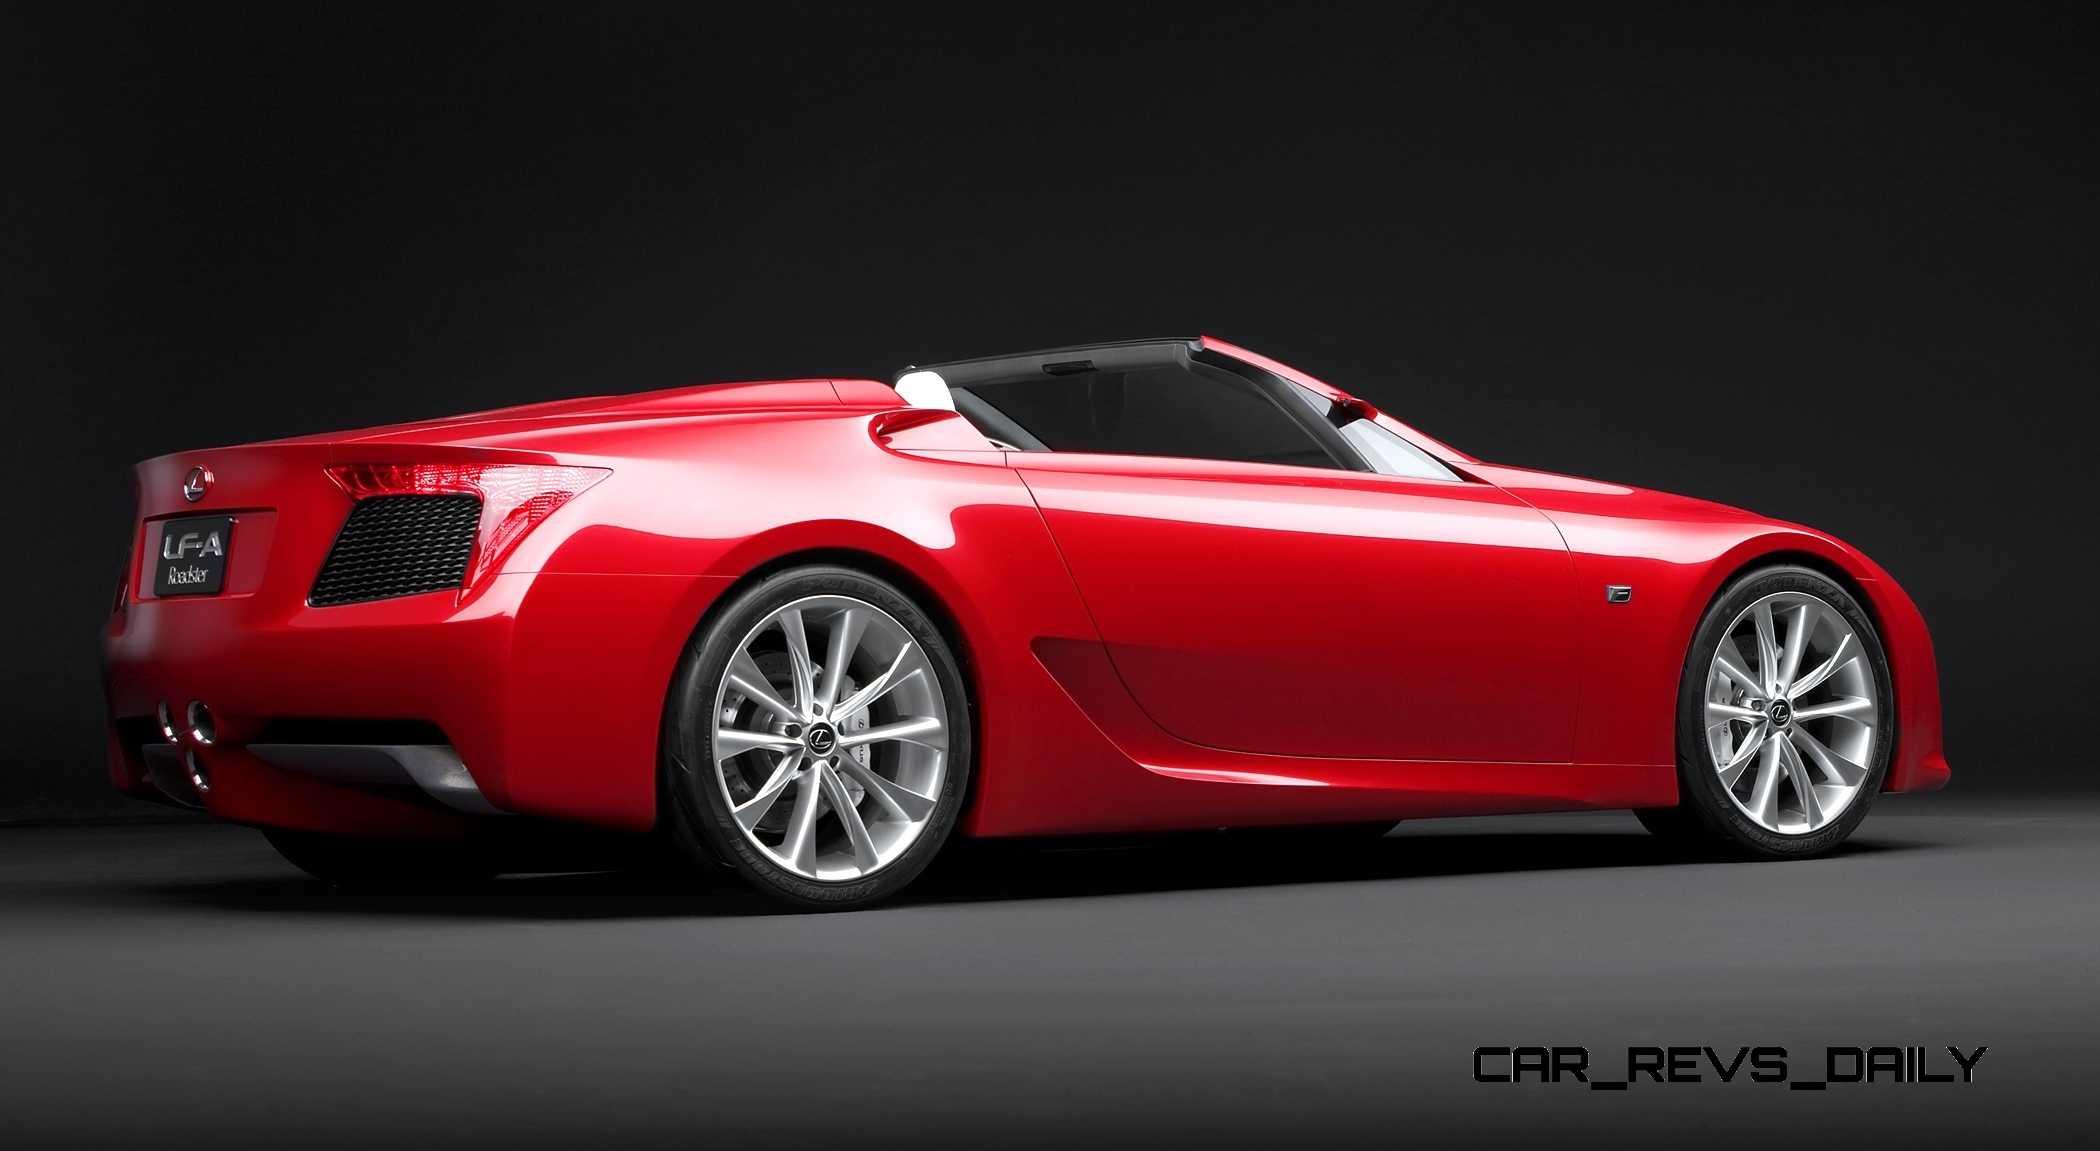 http://www.car-revs-daily.com/wp-content/uploads/2014/10/2007-Lexus-LF-A-Roadster-6.jpg